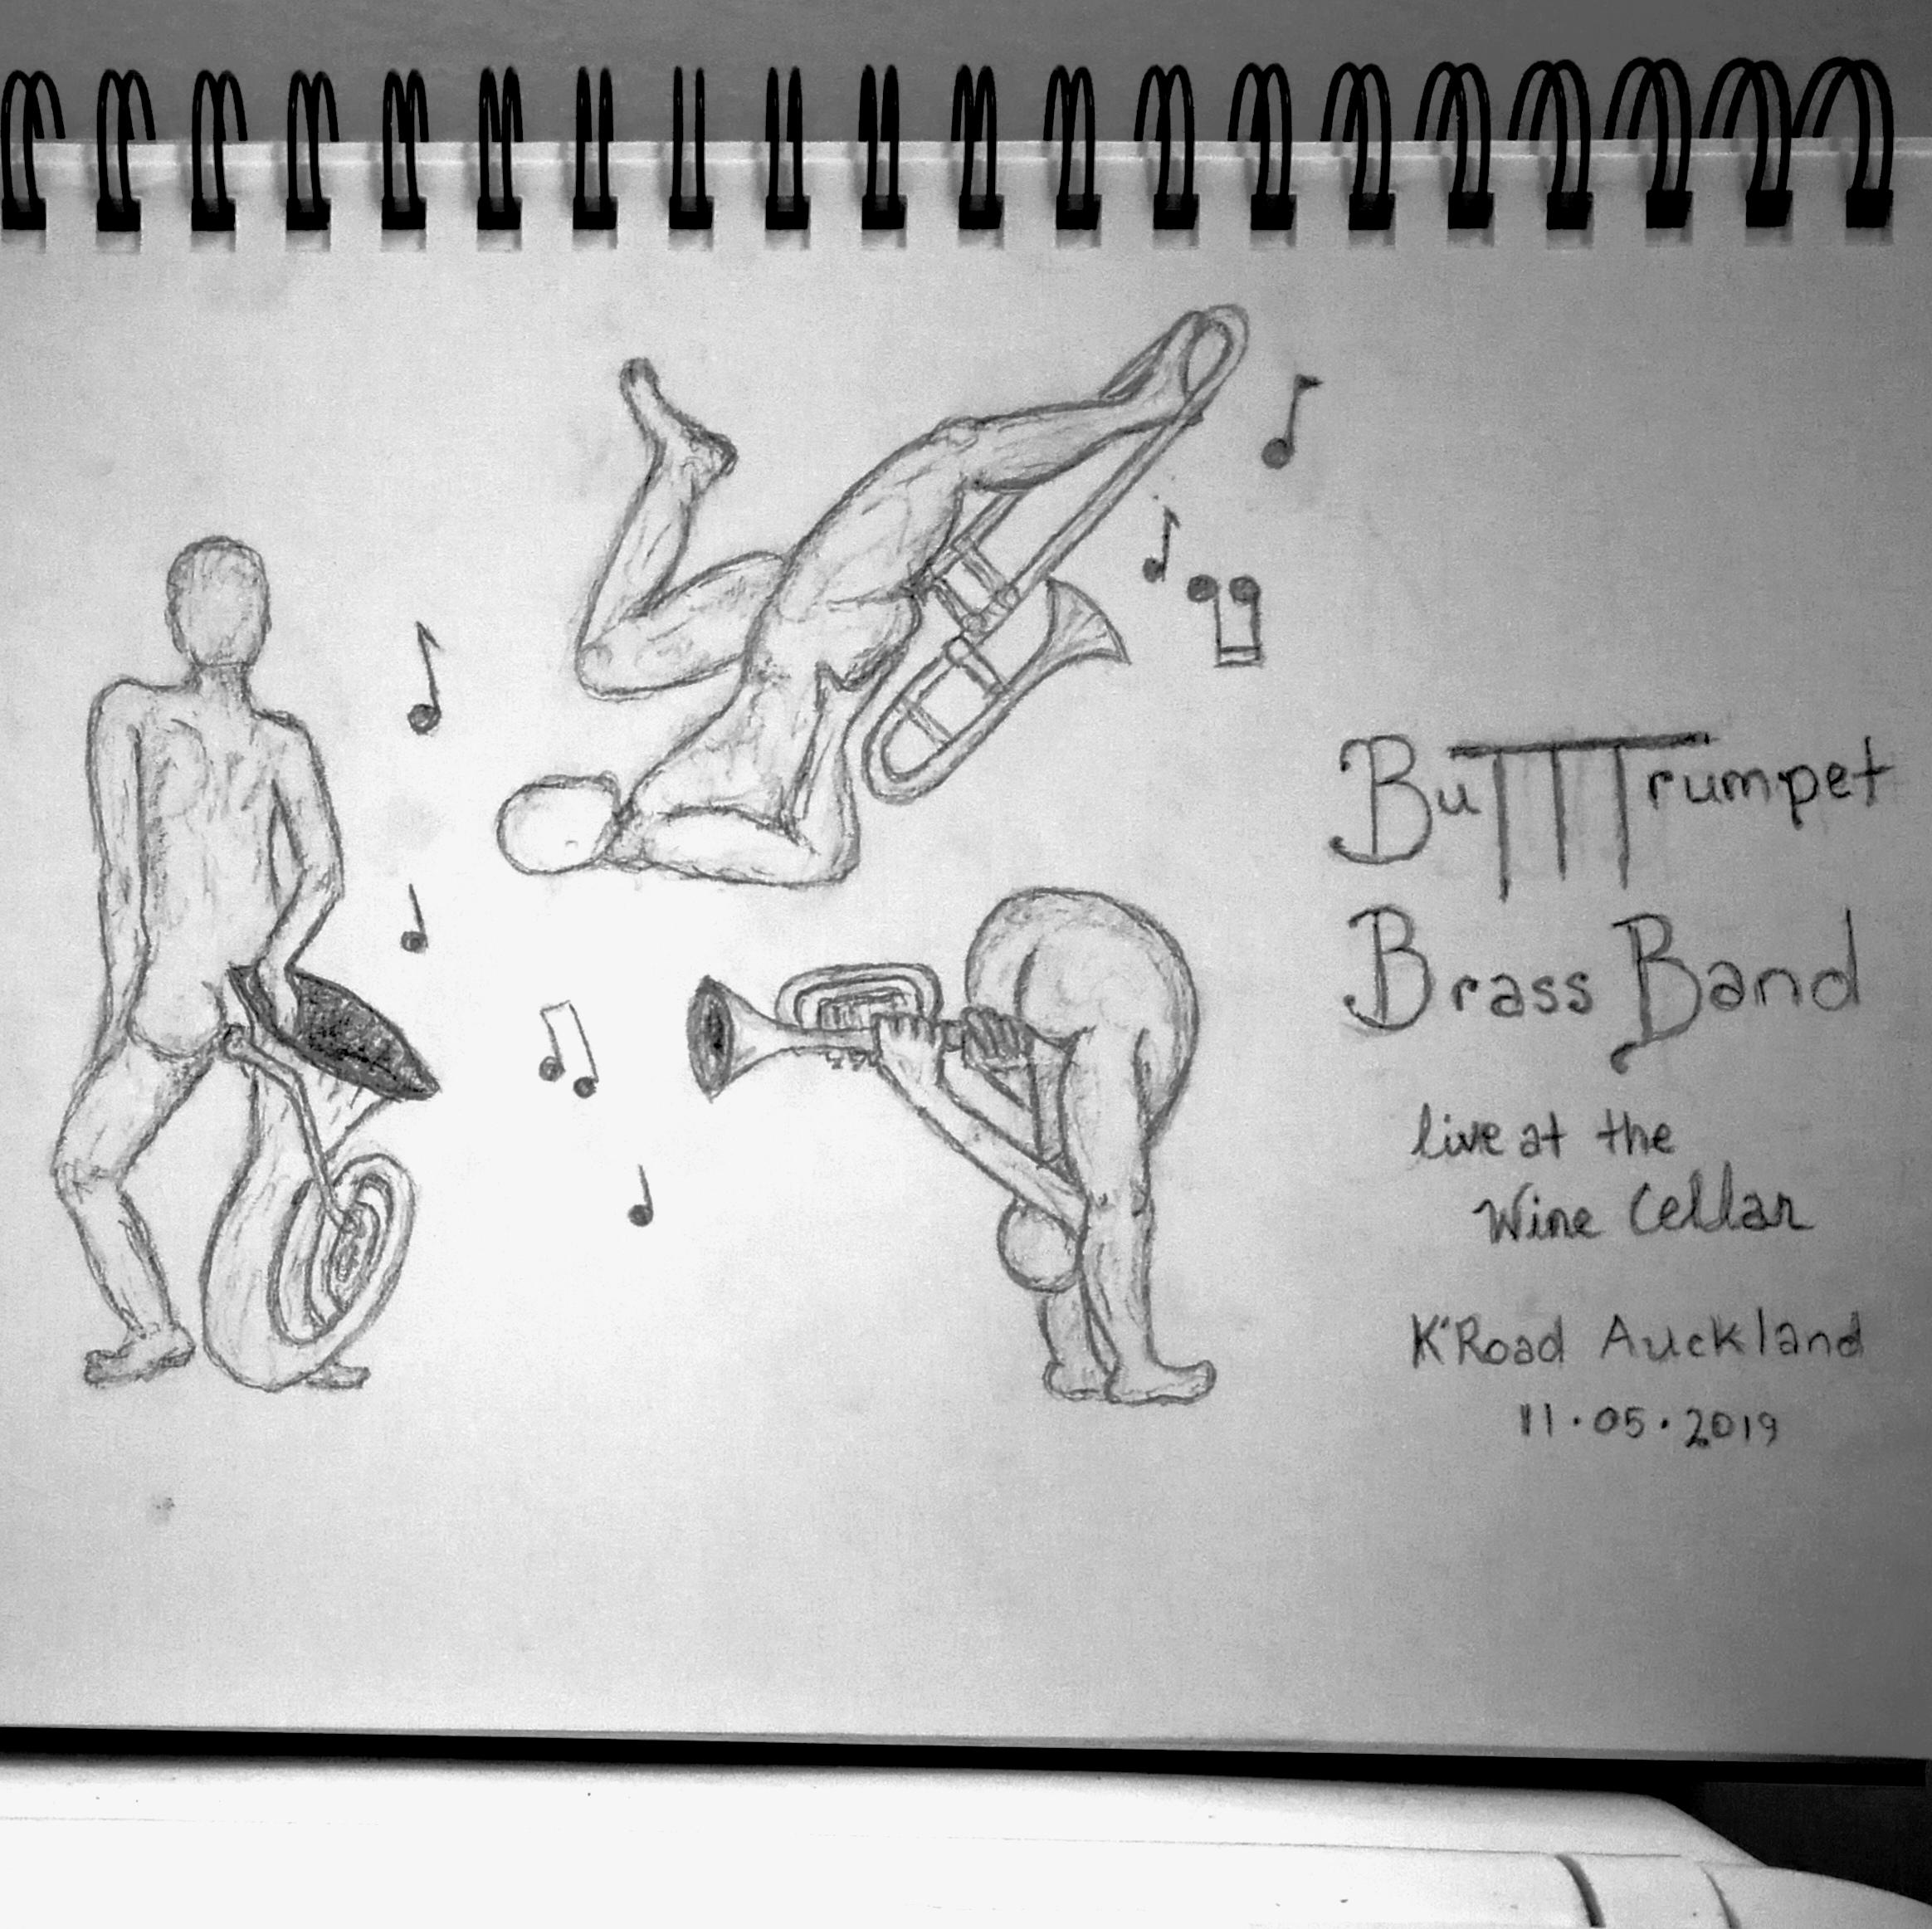 2019-05-11-trumpet